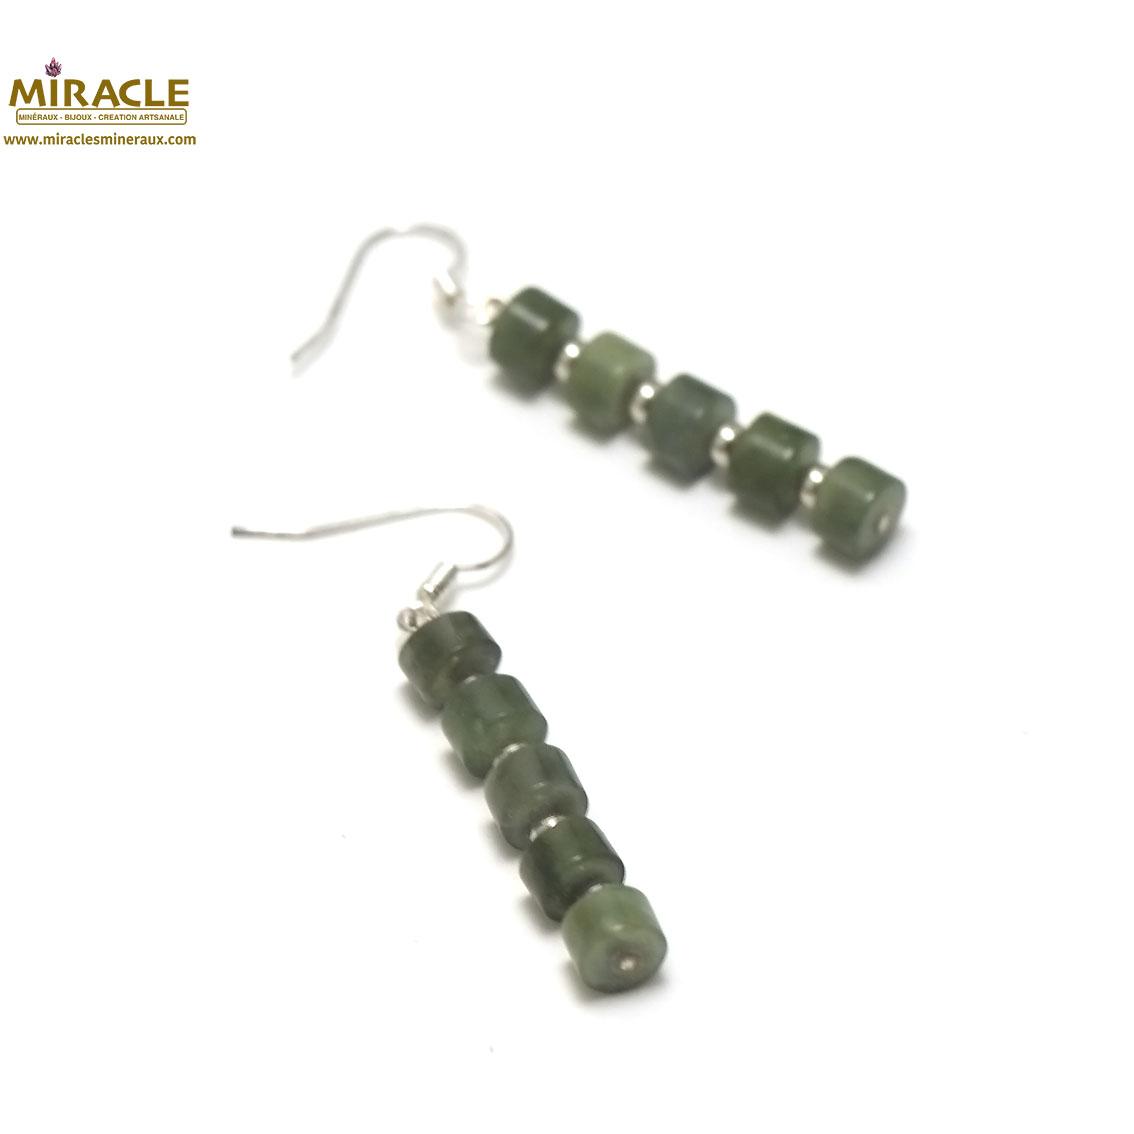 boucle d\'oreille jade néphrite de Canada, perlerondelle-perle argentée